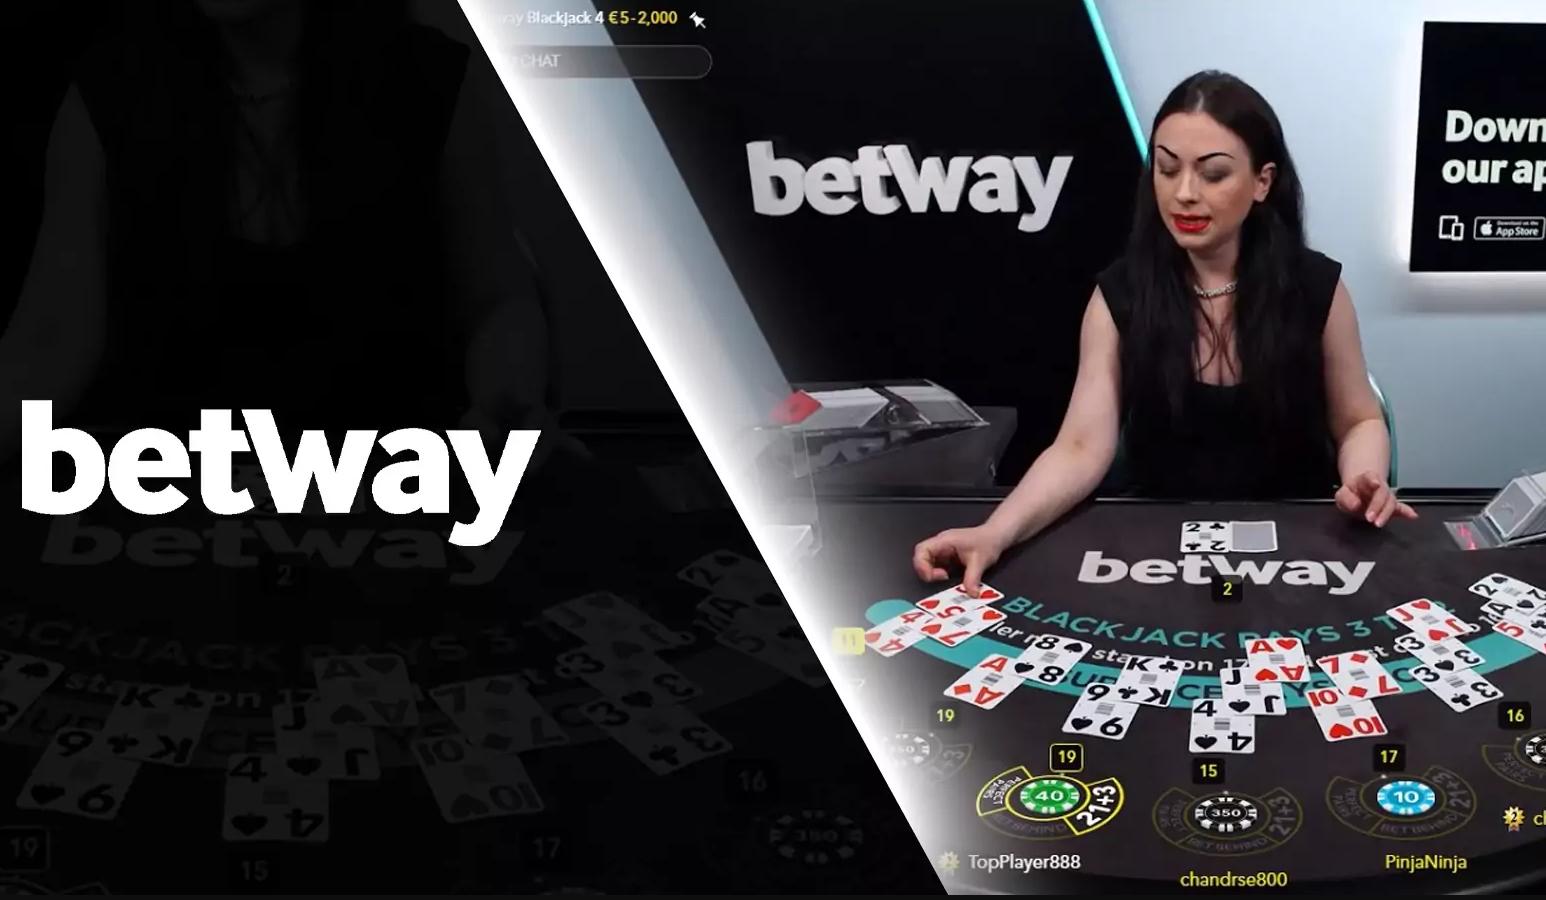 Betway apostas desportivas características da linha